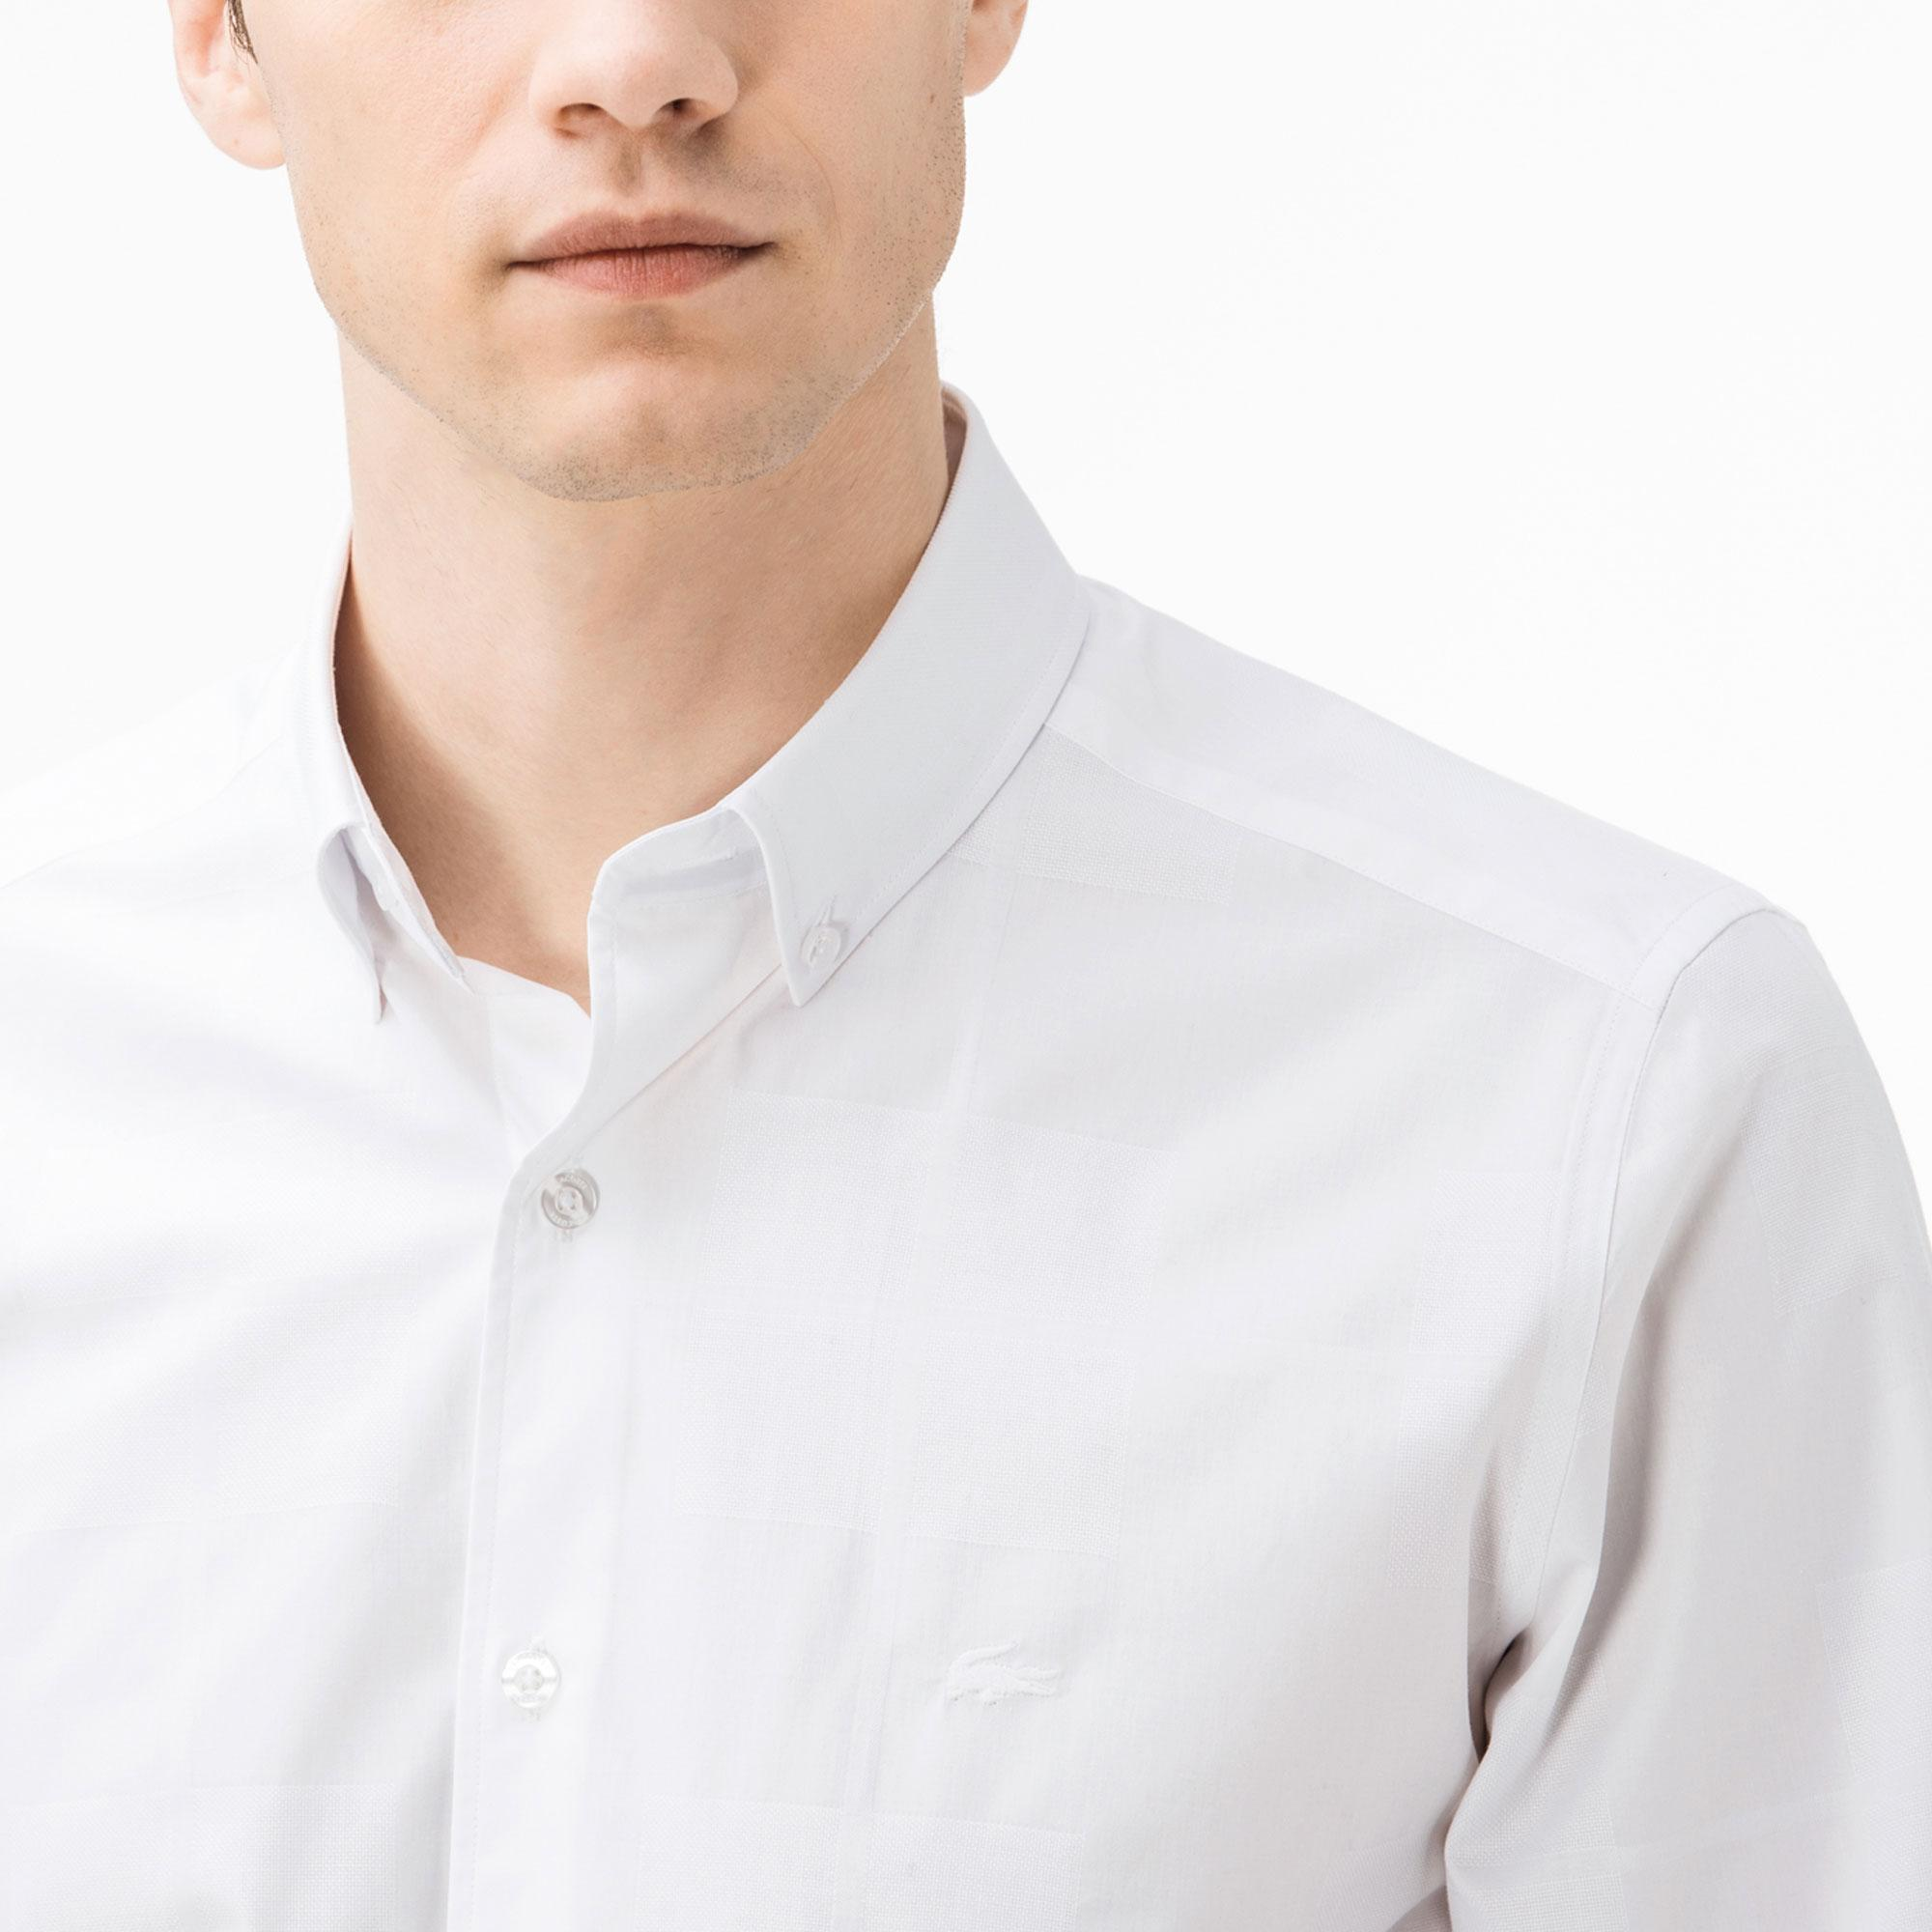 Lacoste Erkek Slim Fit Beyaz Ekose Gömlek